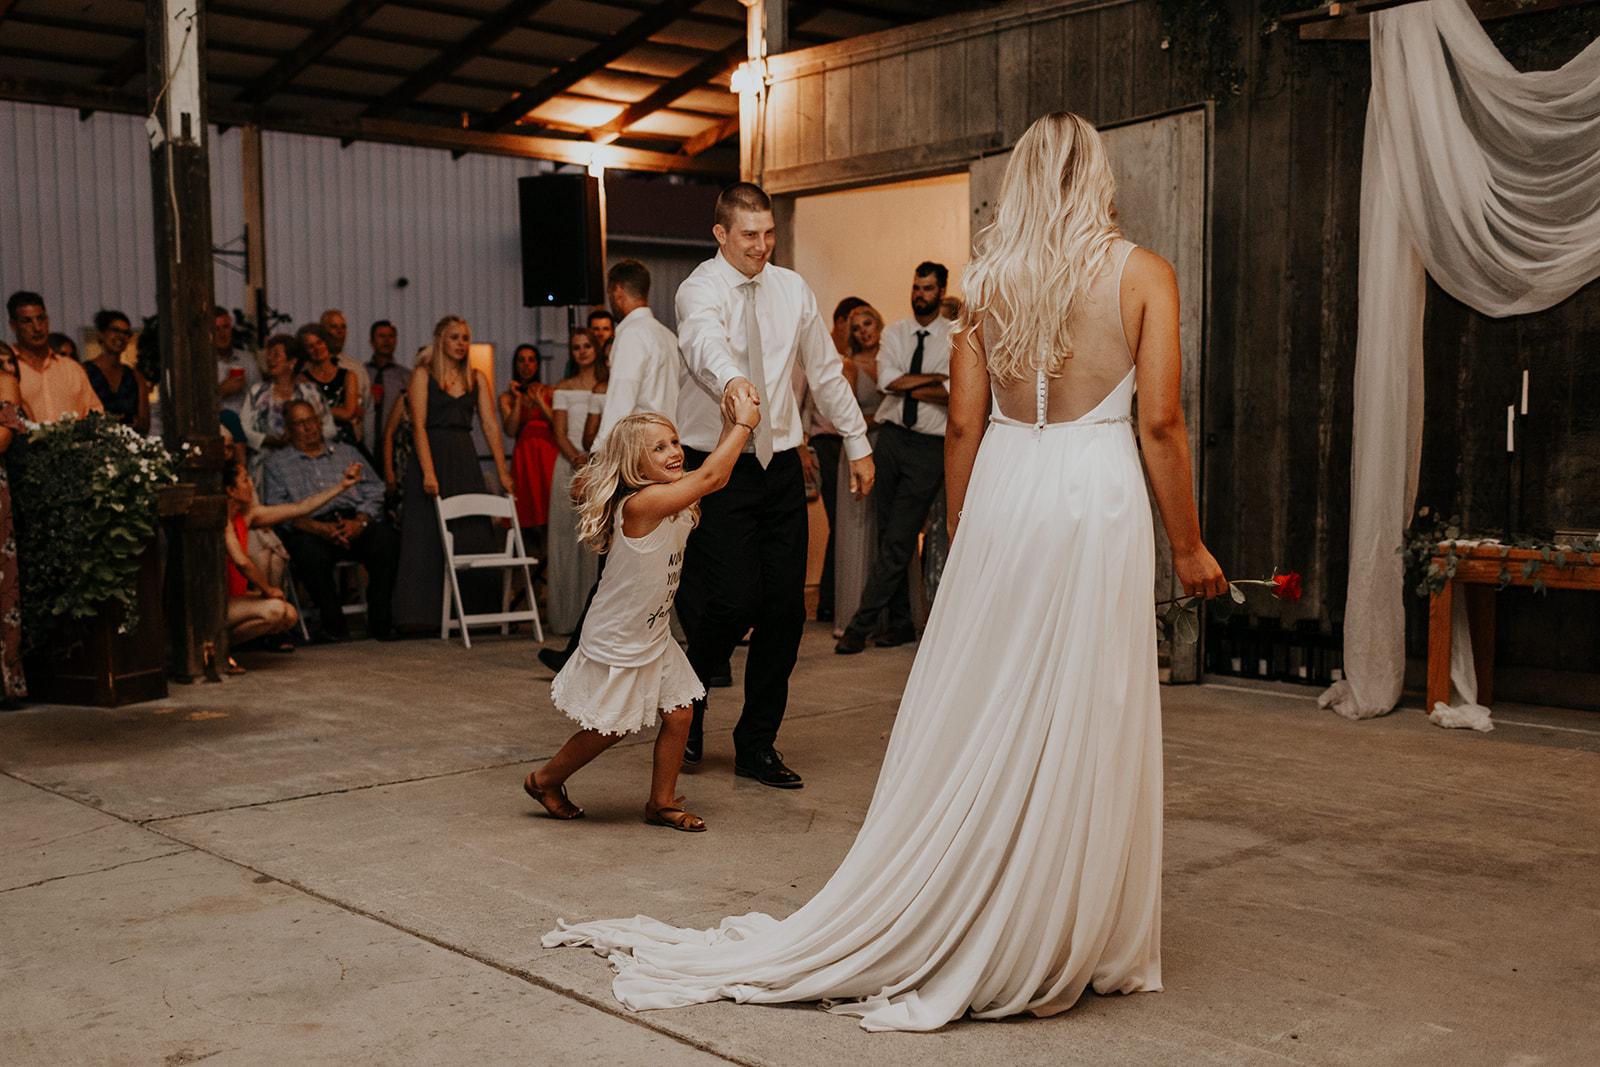 ginapaulson_larabryce_wedding-1222.jpg